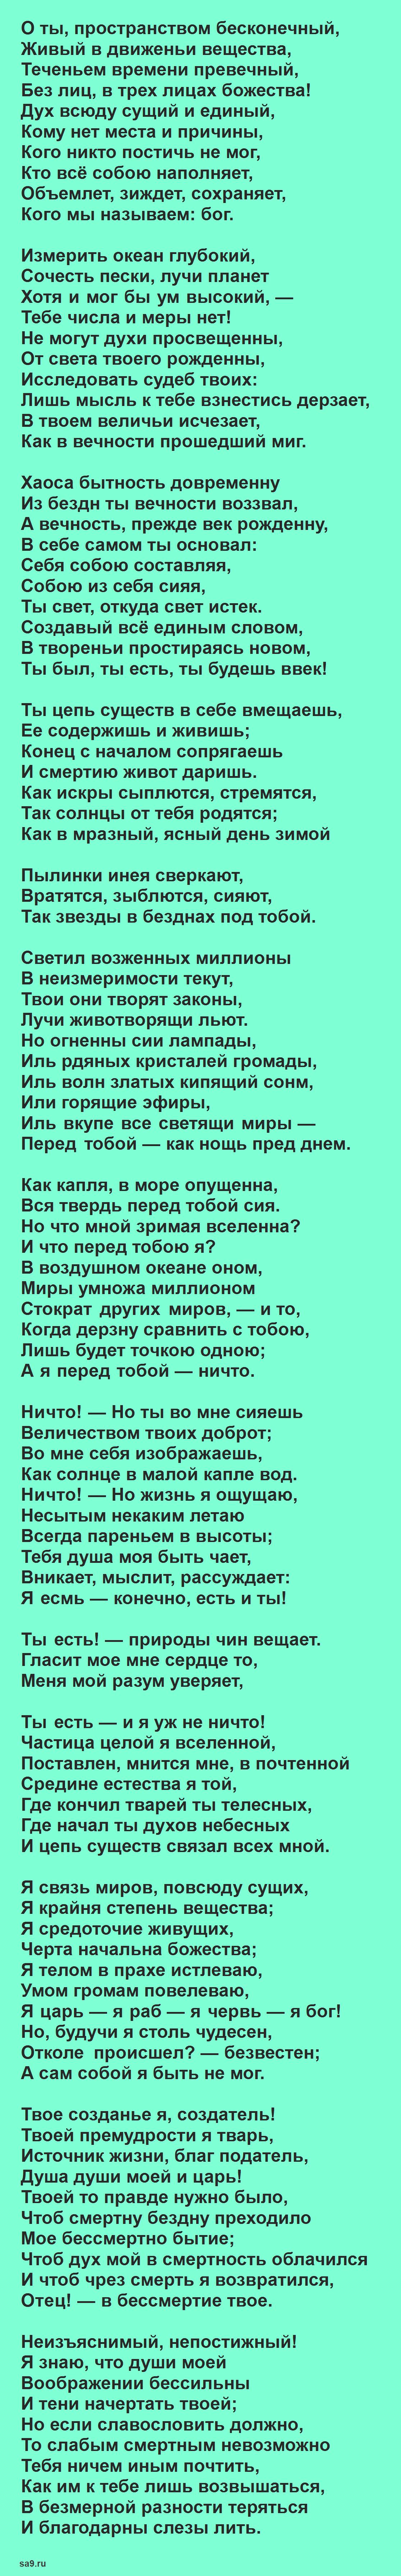 Стих Державина - Бог